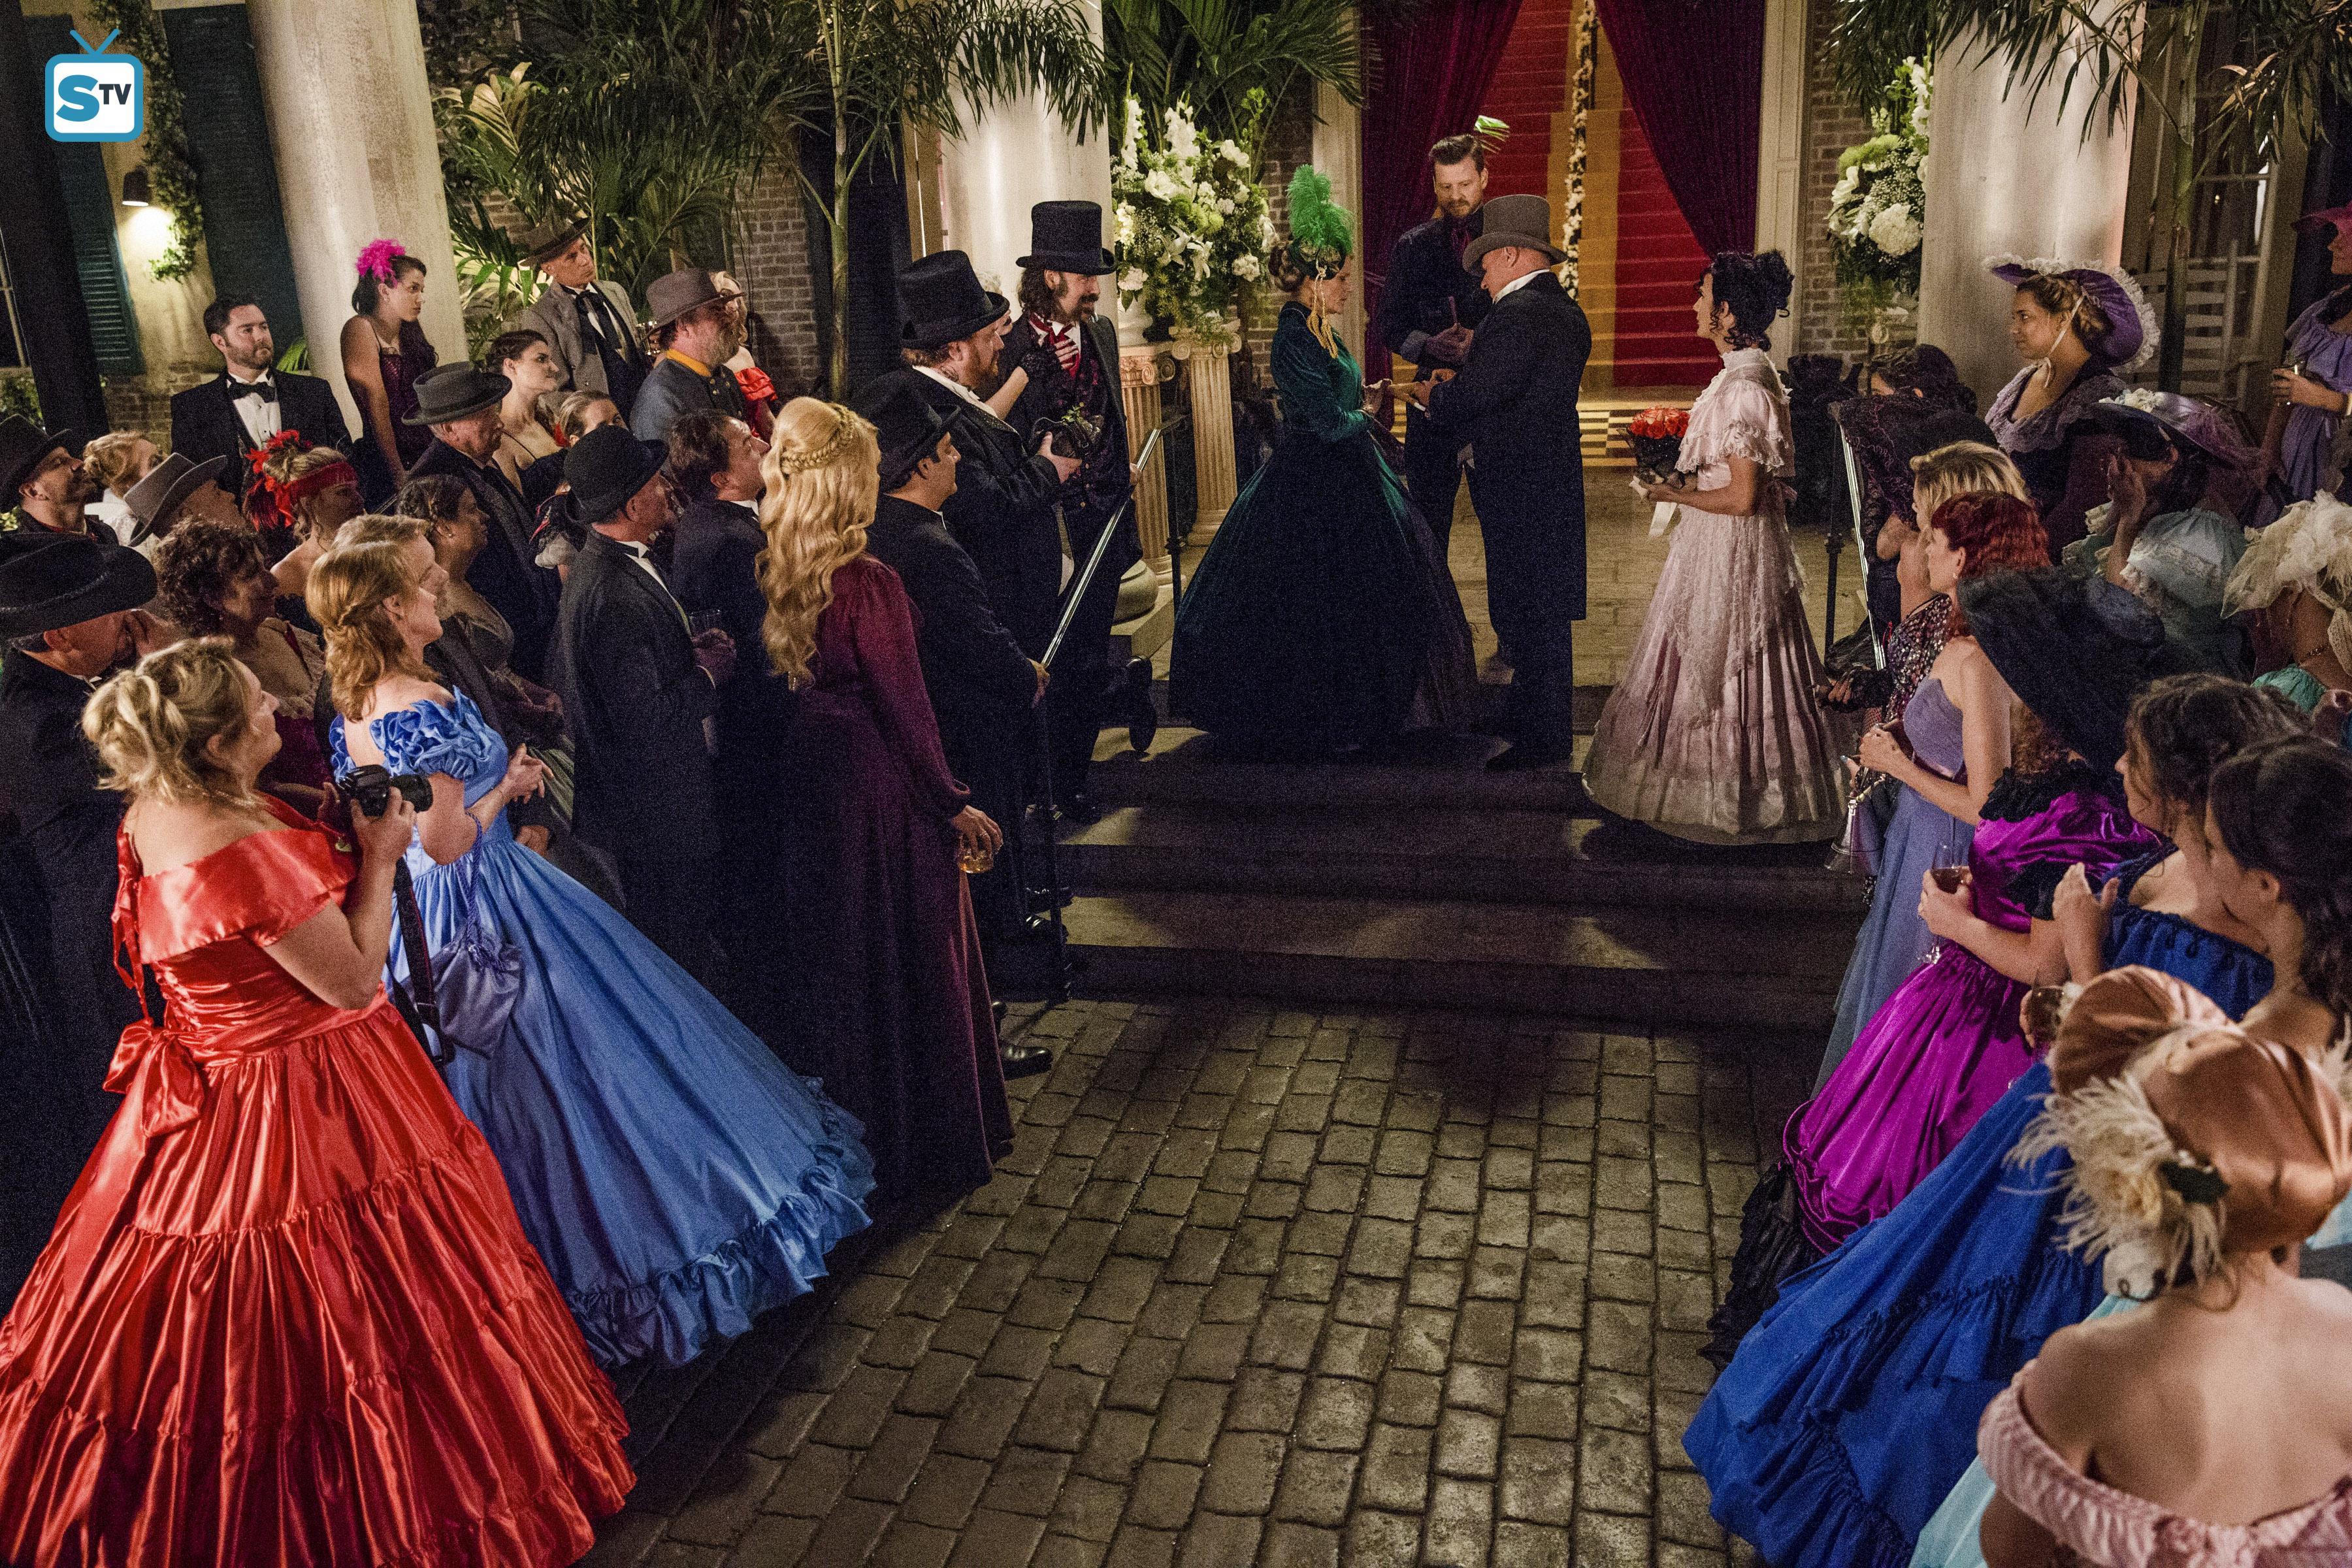 1x07 'Escape' Promotional Photo